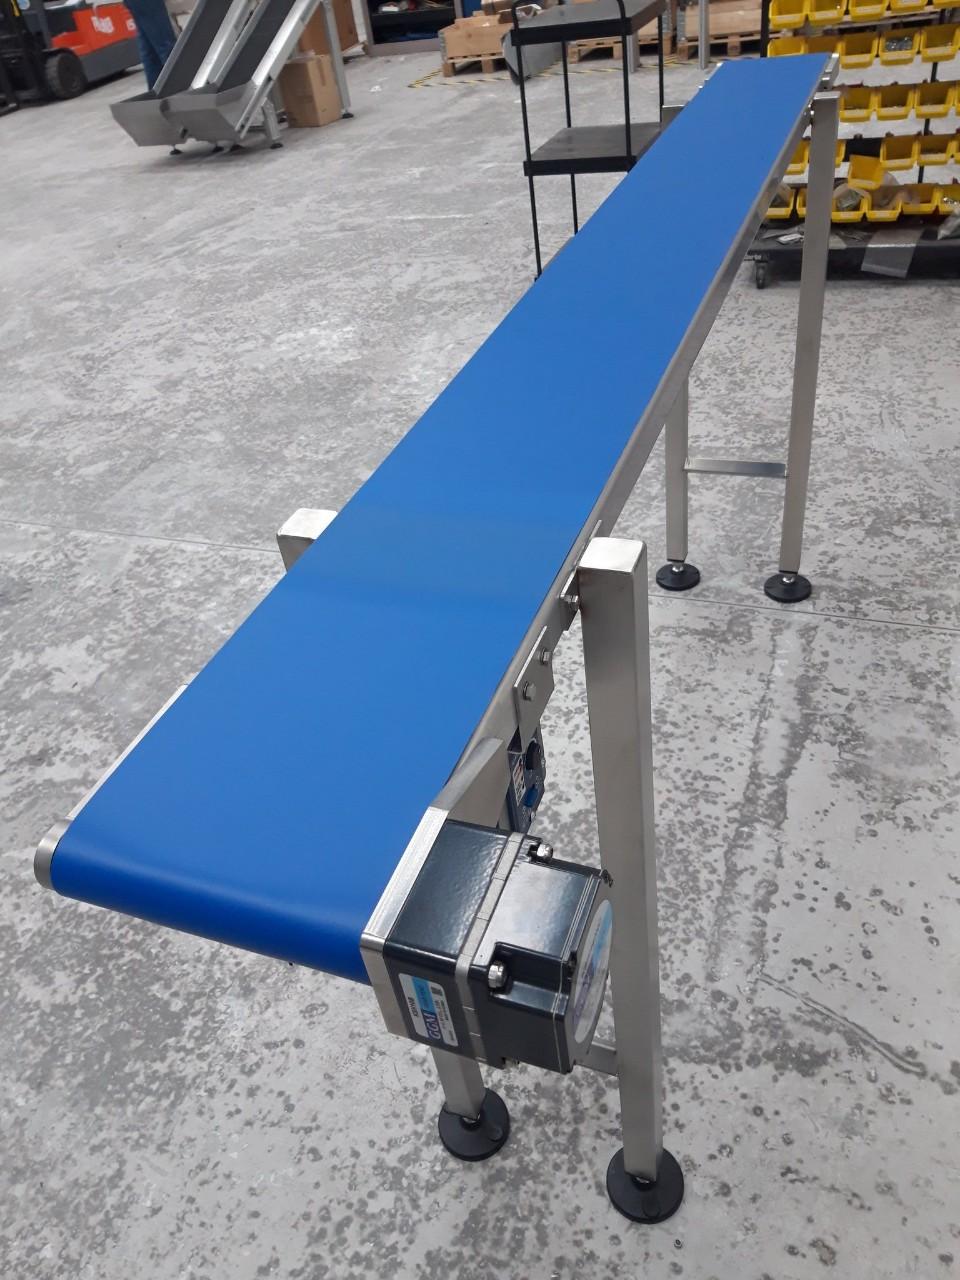 Băng Tải Nhựa Màu Xanh Dương - Băng tải Băng CHuyền Doanh Trí Technical